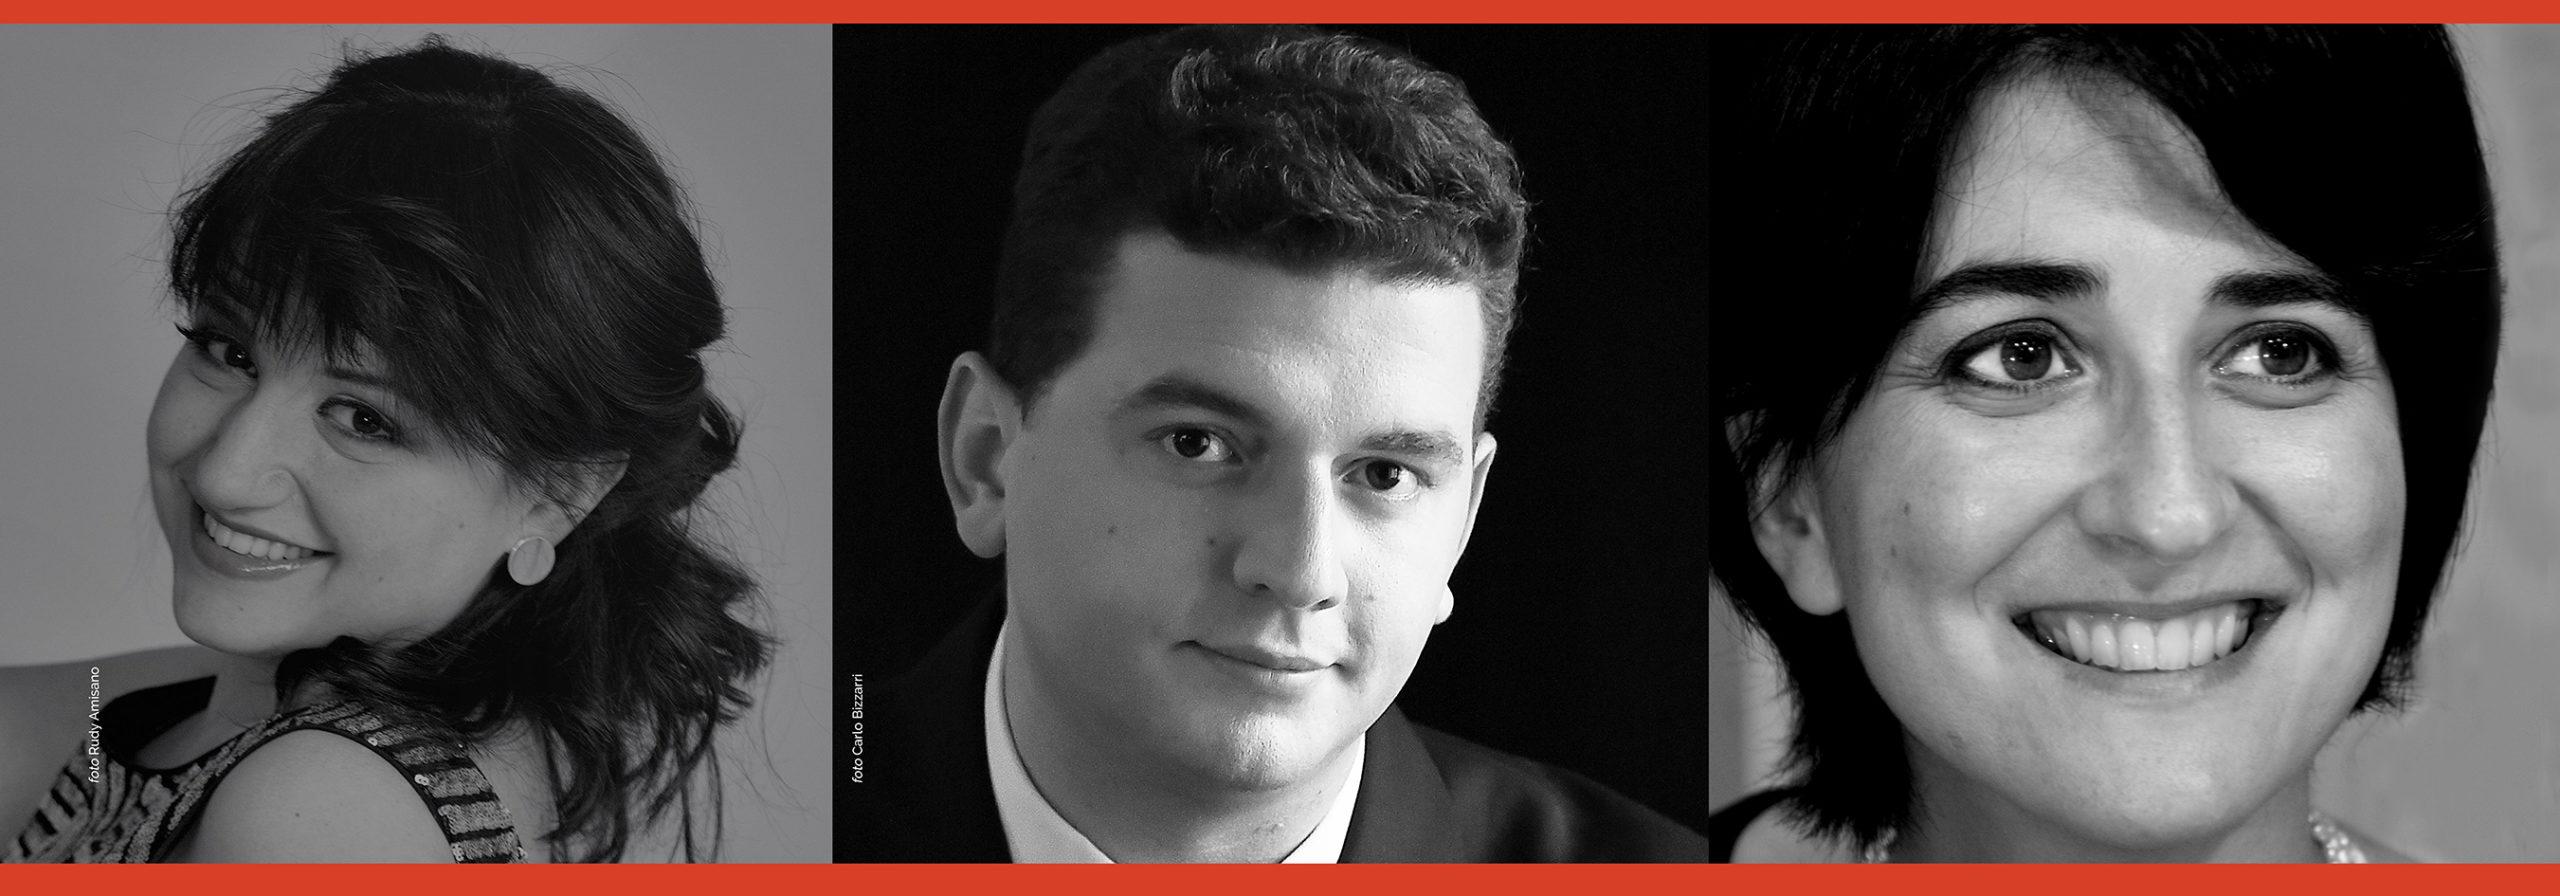 """""""MUN MUSIC NOTES IN PESARO"""", MERCOLEDÌ 28 LUGLIO CONCERTO DI  SARA ROSSINI SOPRANO E RICCARDO DELLA SCIUCCA TENORE ACCOMPAGNATI AL PIANOFORTE DA ELISA CERRI"""